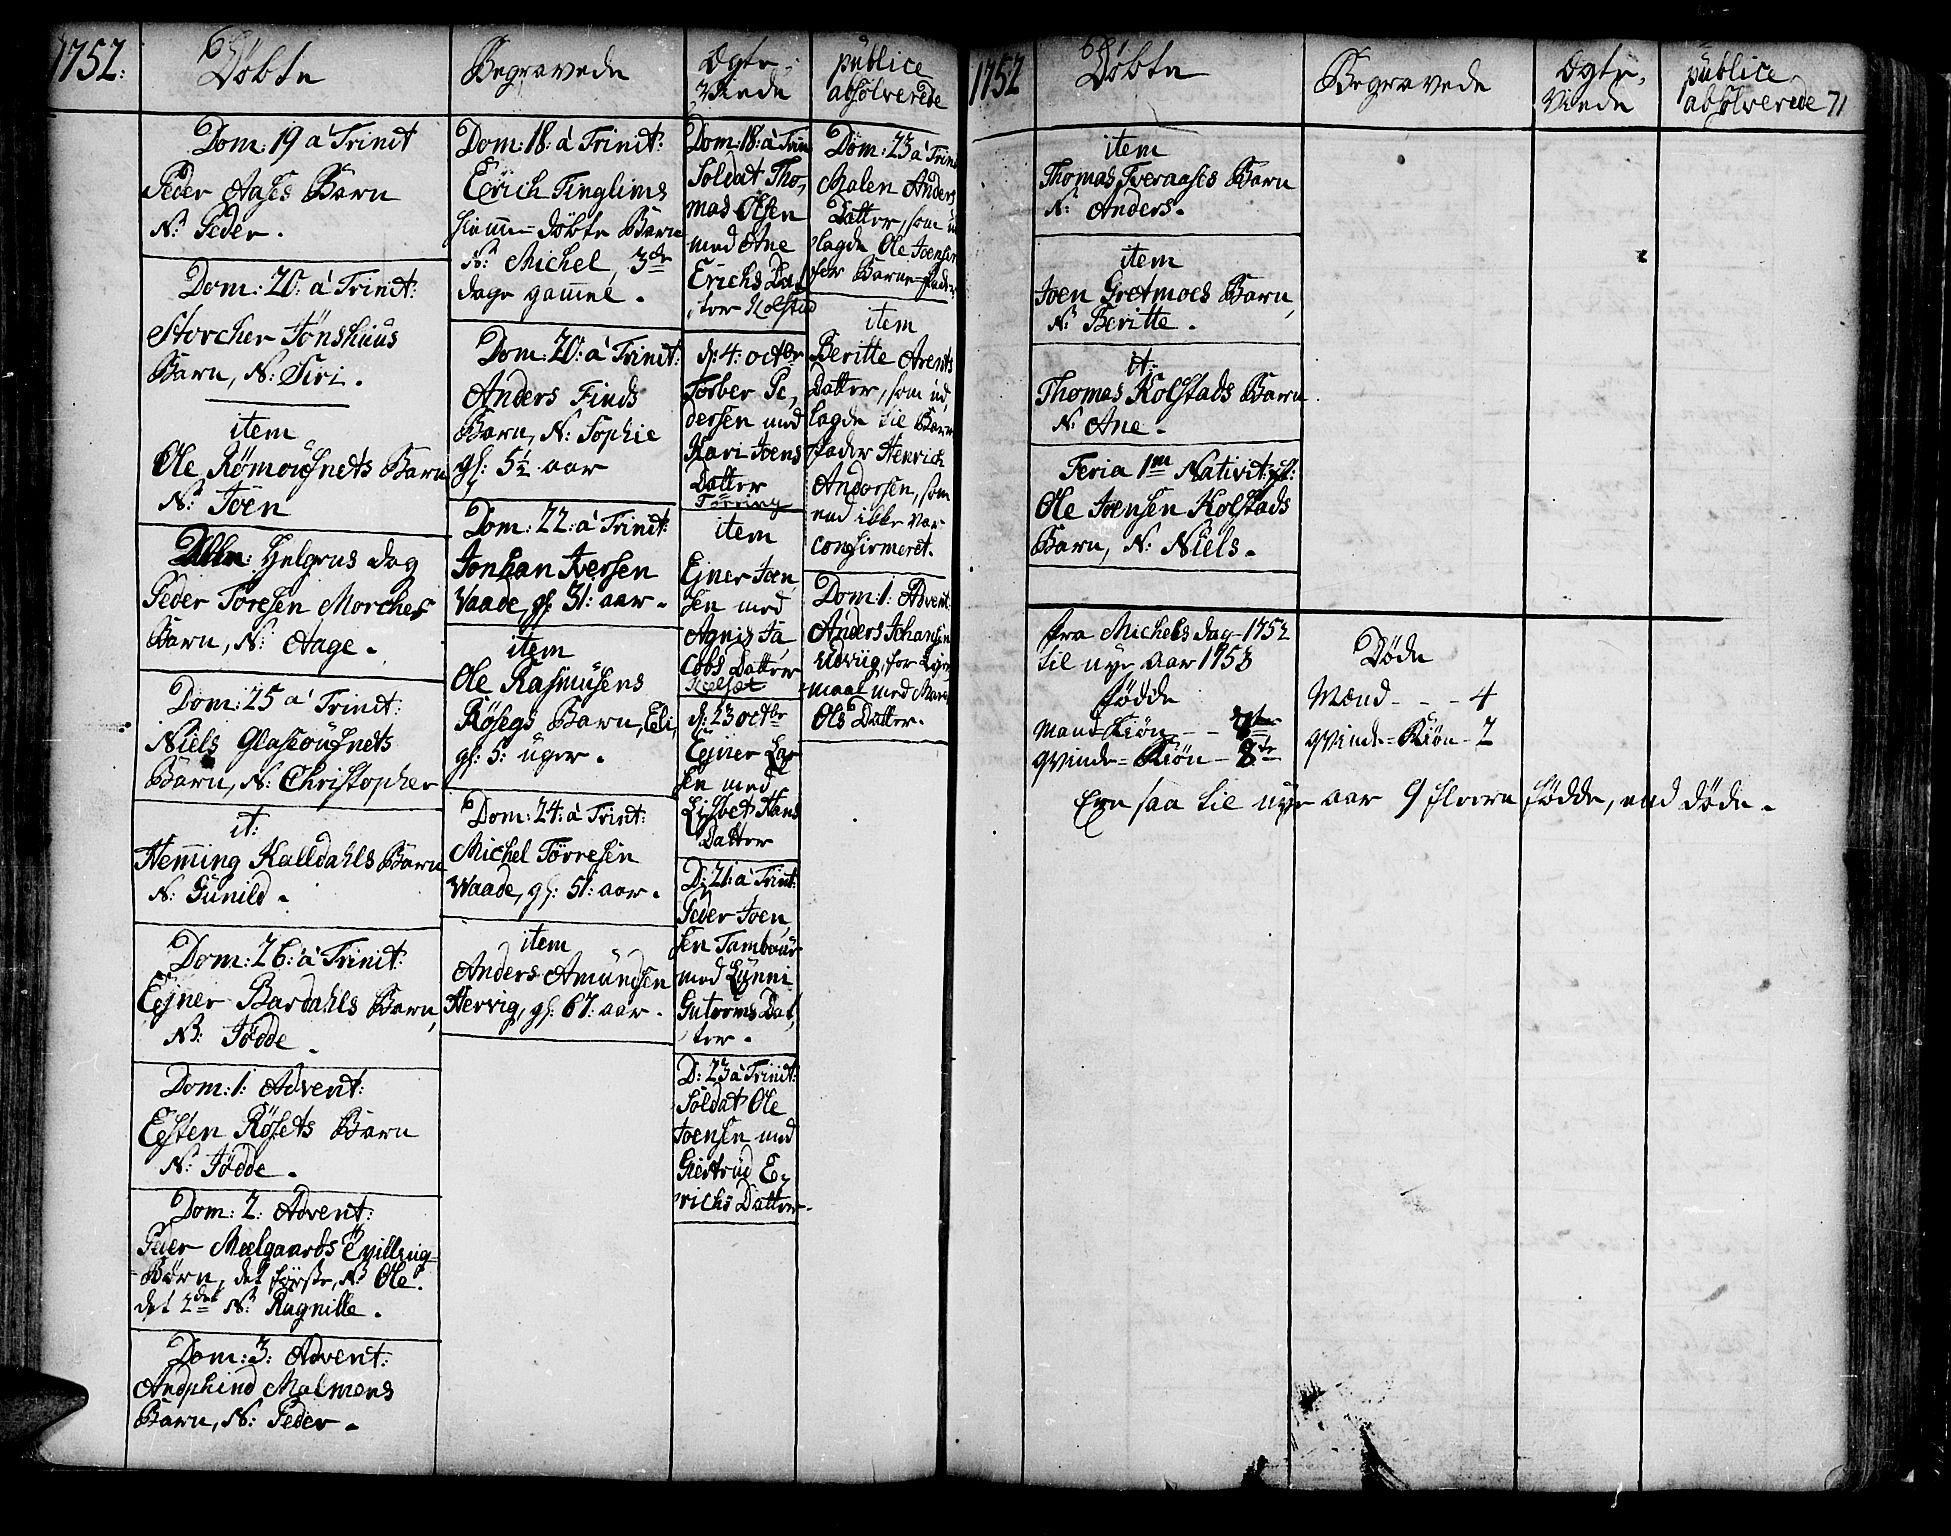 SAT, Ministerialprotokoller, klokkerbøker og fødselsregistre - Nord-Trøndelag, 741/L0385: Ministerialbok nr. 741A01, 1722-1815, s. 71